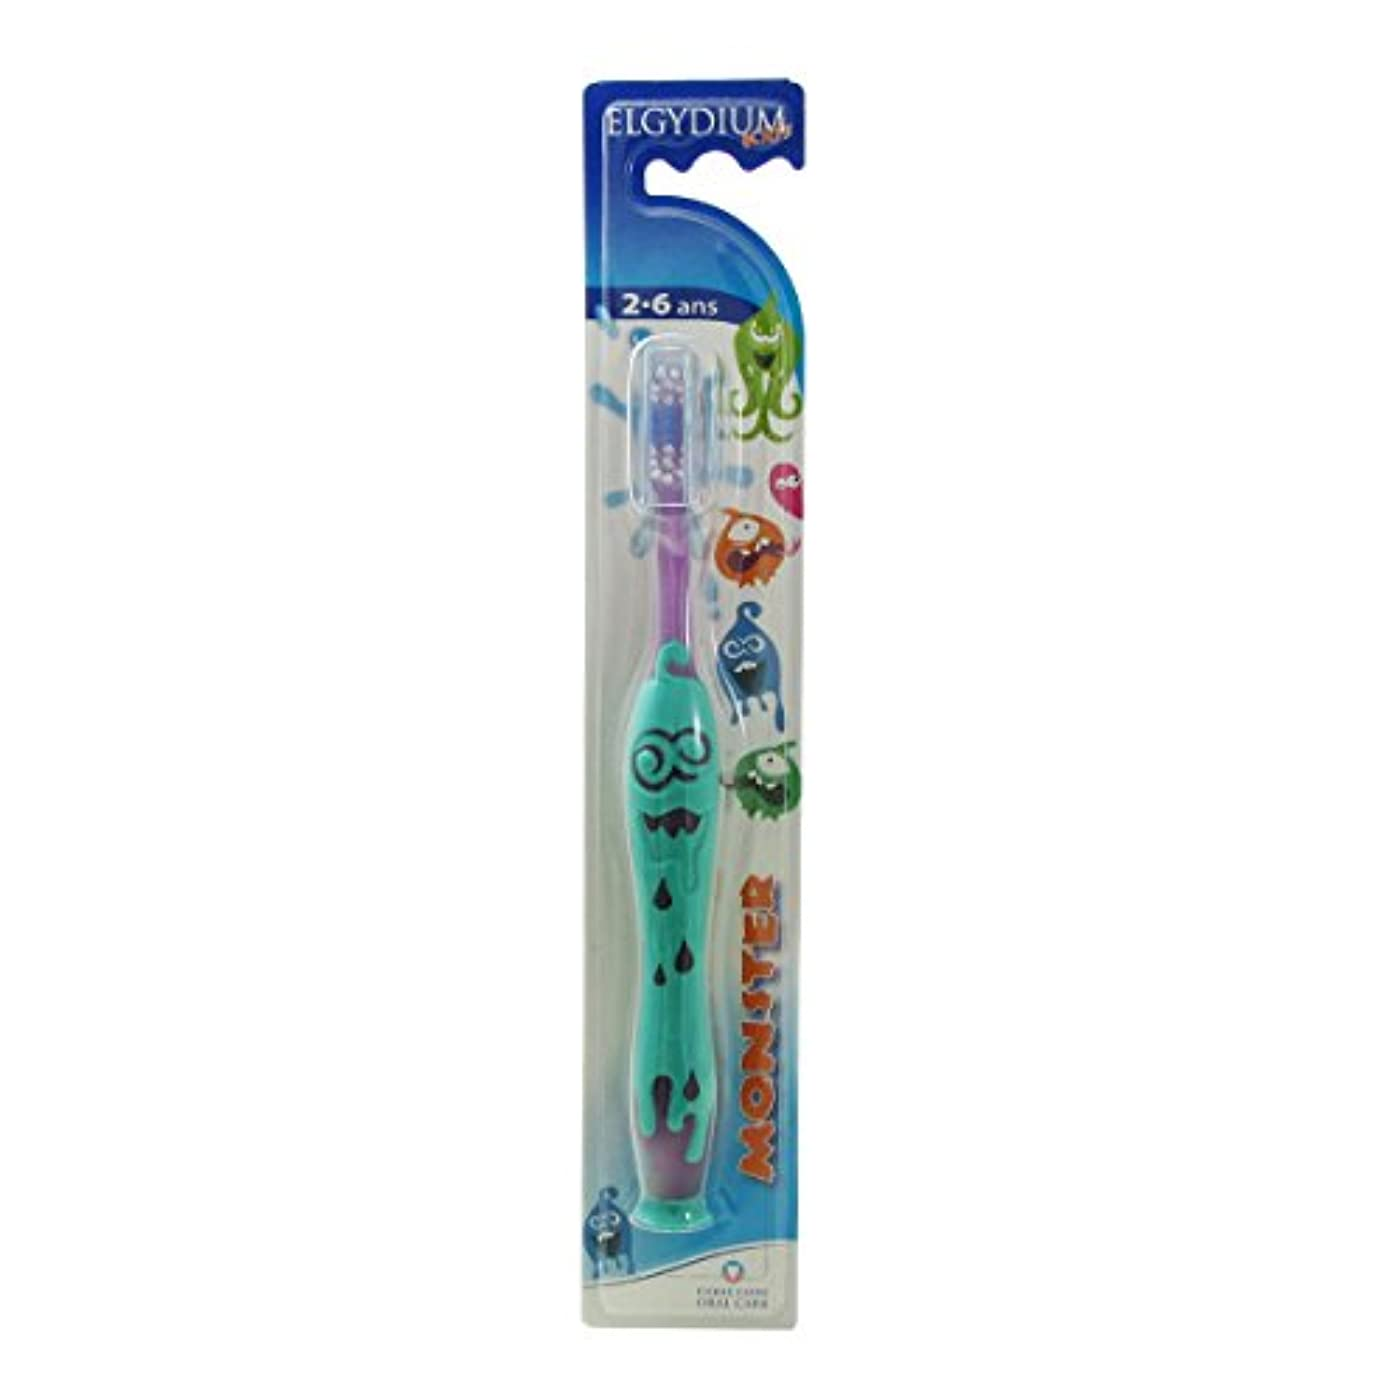 影台風高層ビルElgydium Kids Monster 2/6 Soft Toothbrush [並行輸入品]